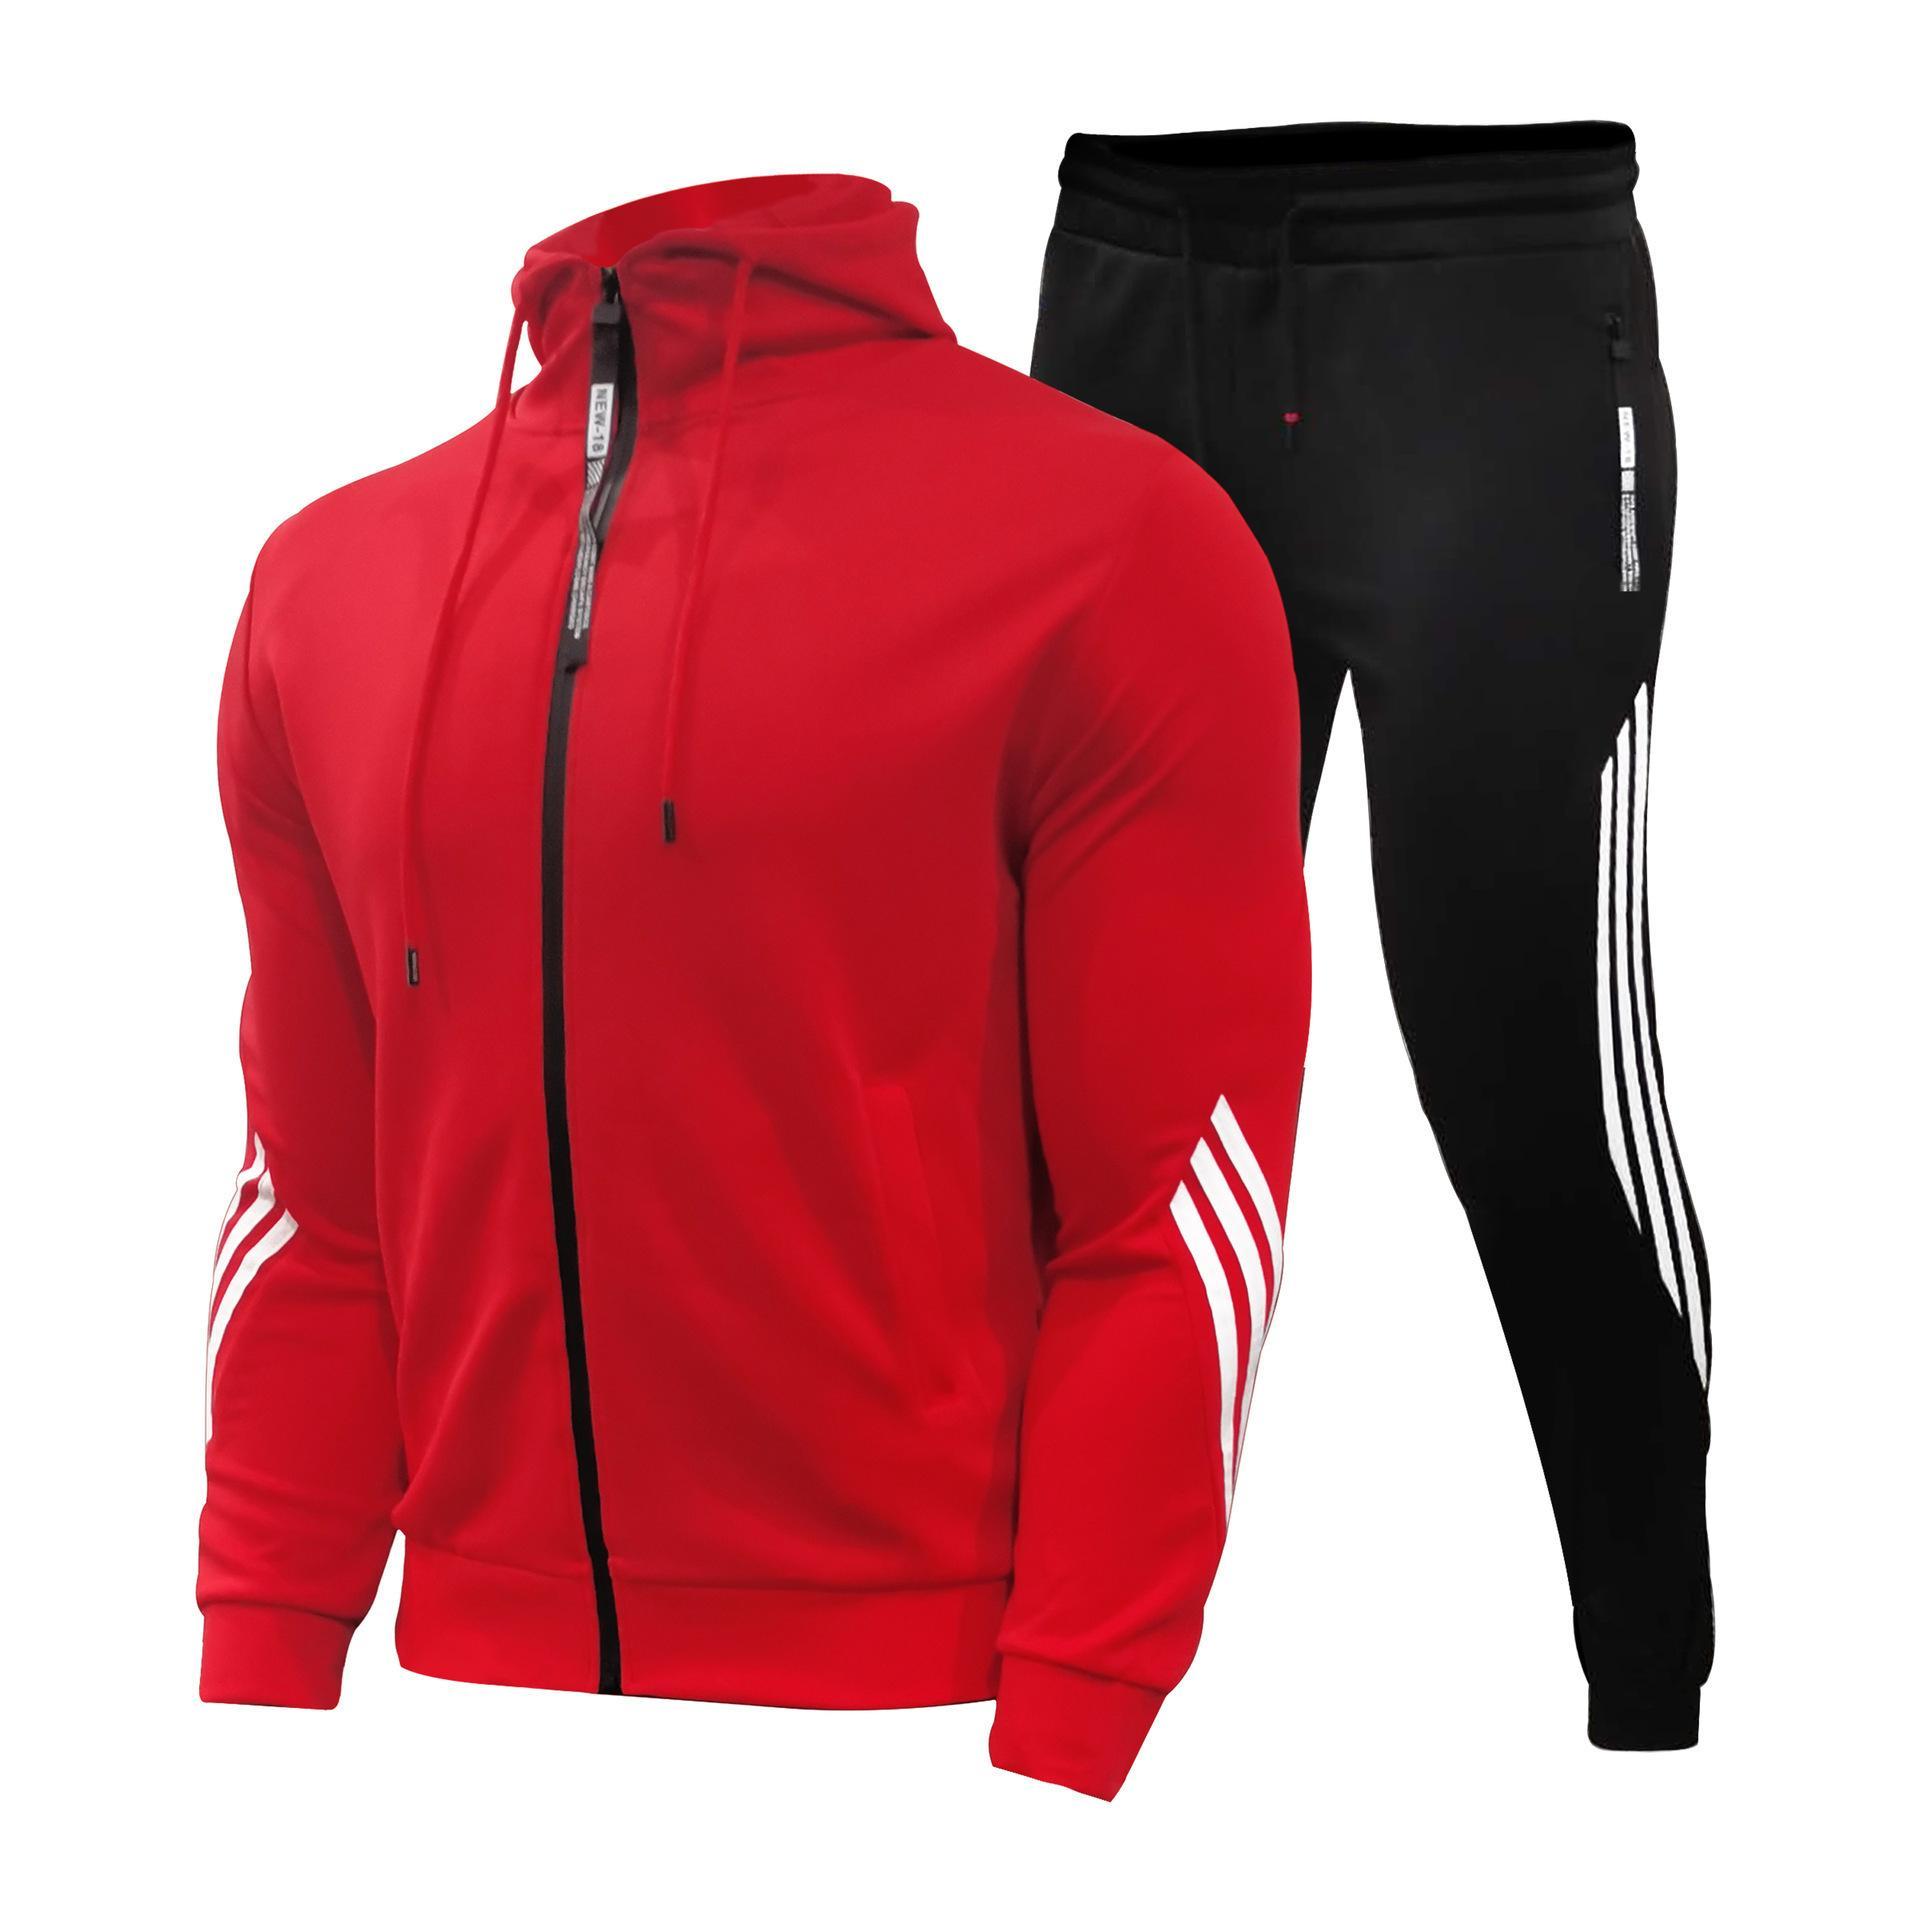 Herren Casual Sports Anzug Mit Kapuze Pullover Laufende Sportswearanzug kann logo angepasst werden